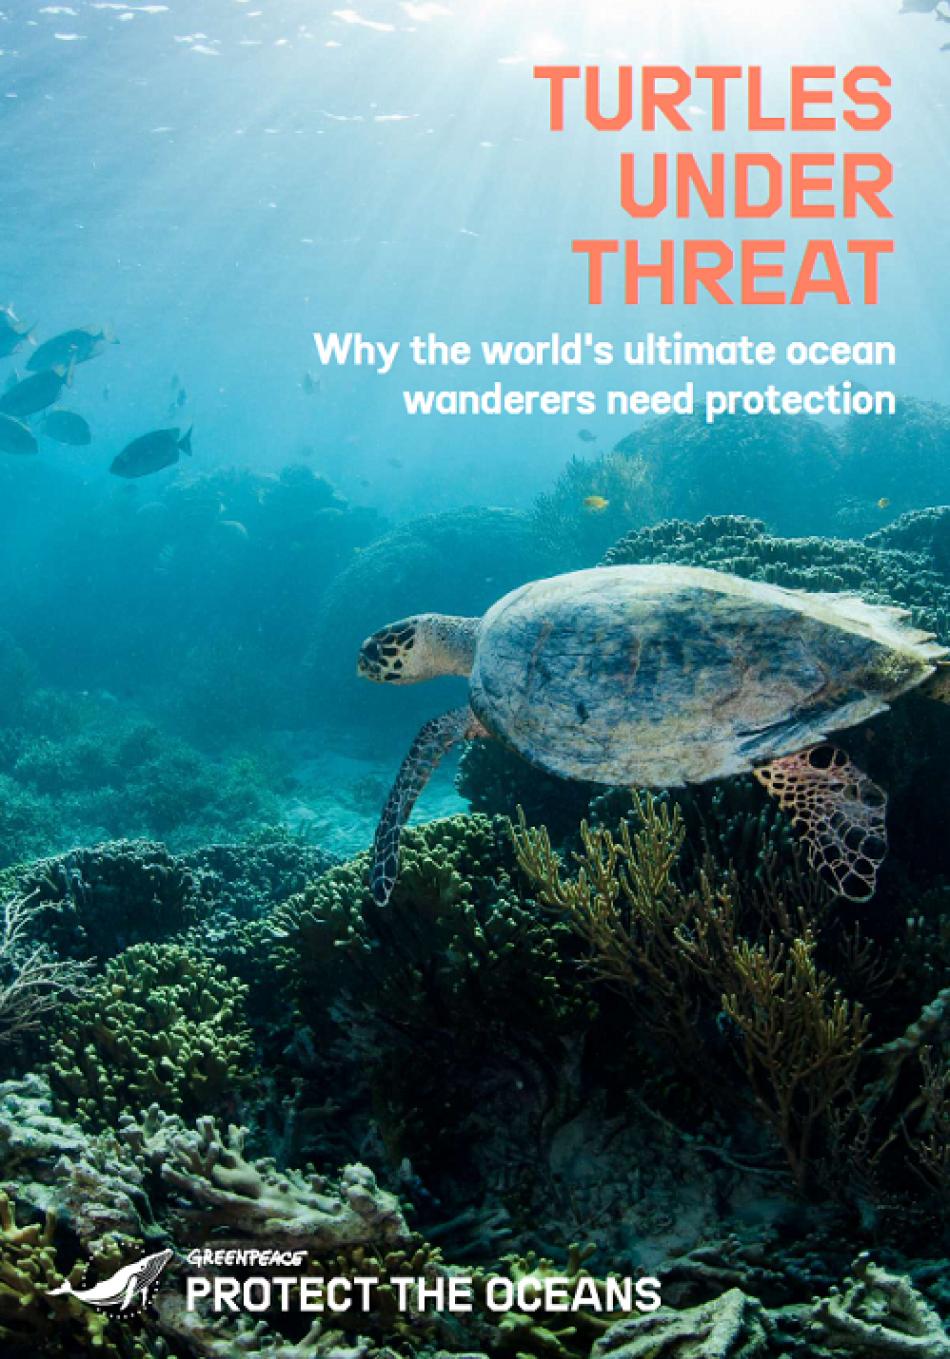 Las ganadoras del Oscar Helen Mirren y Olivia Colman denuncian, en un corto de Greenpeace, la crítica situación de los océanos